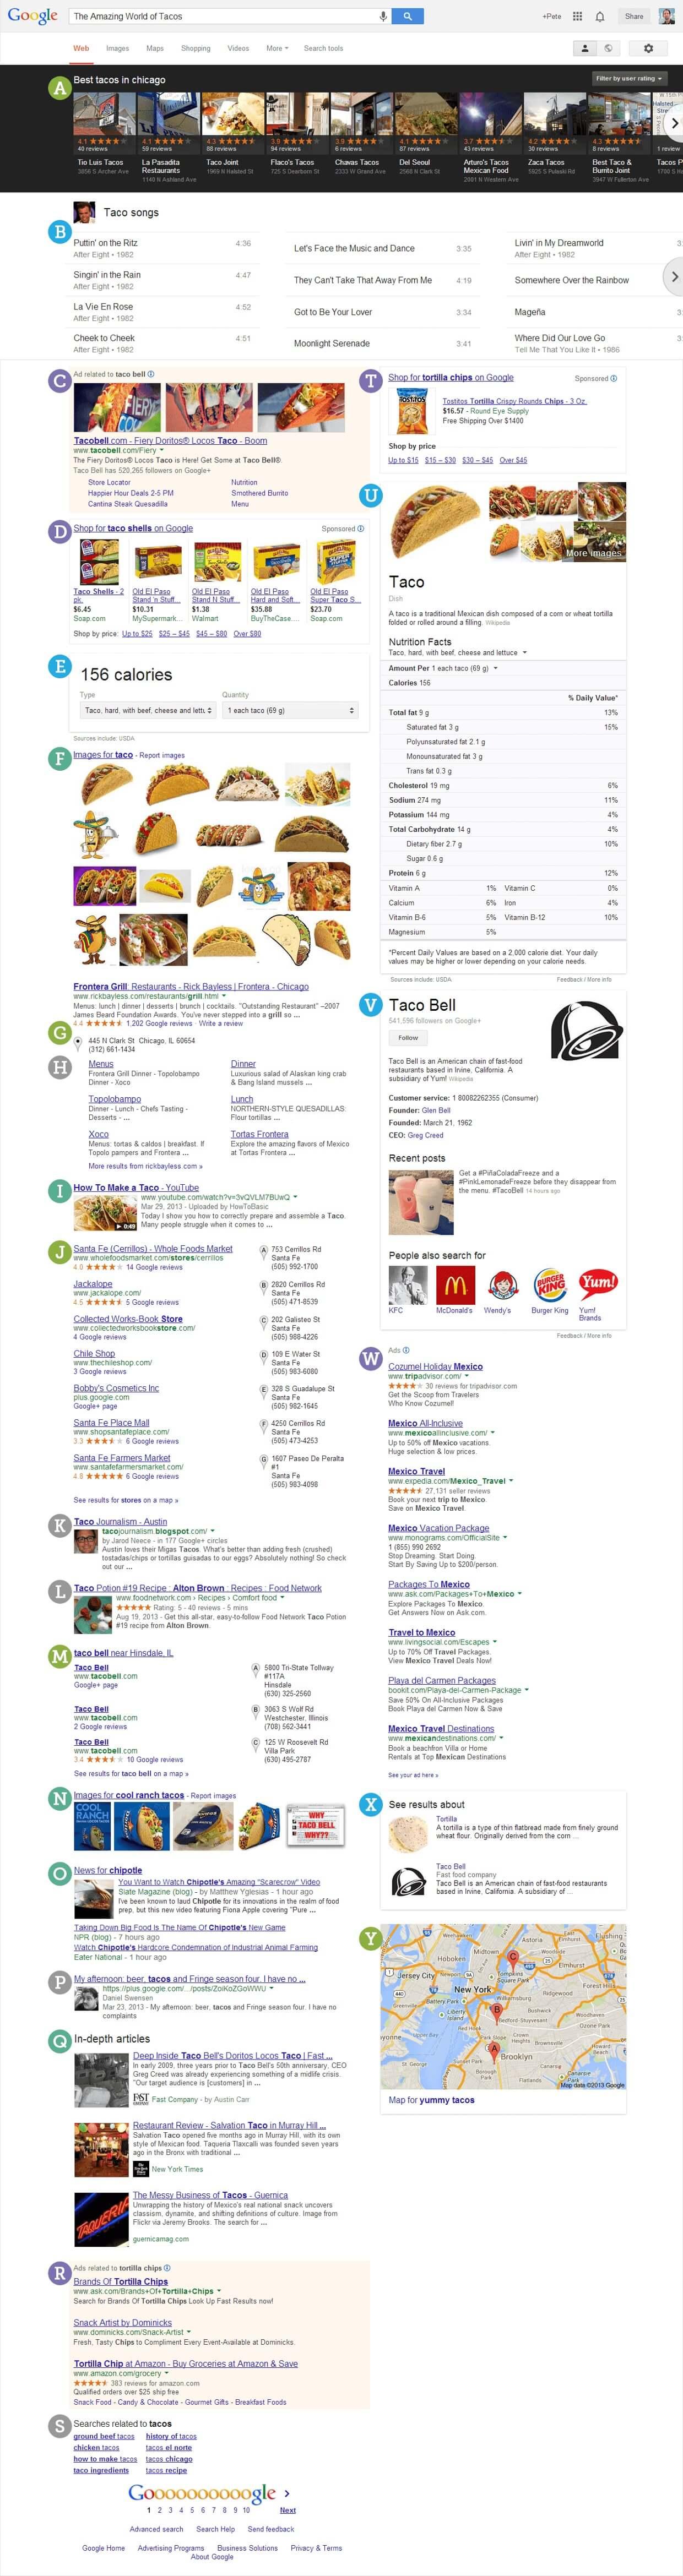 Bestandteile Google Suchergebnisse